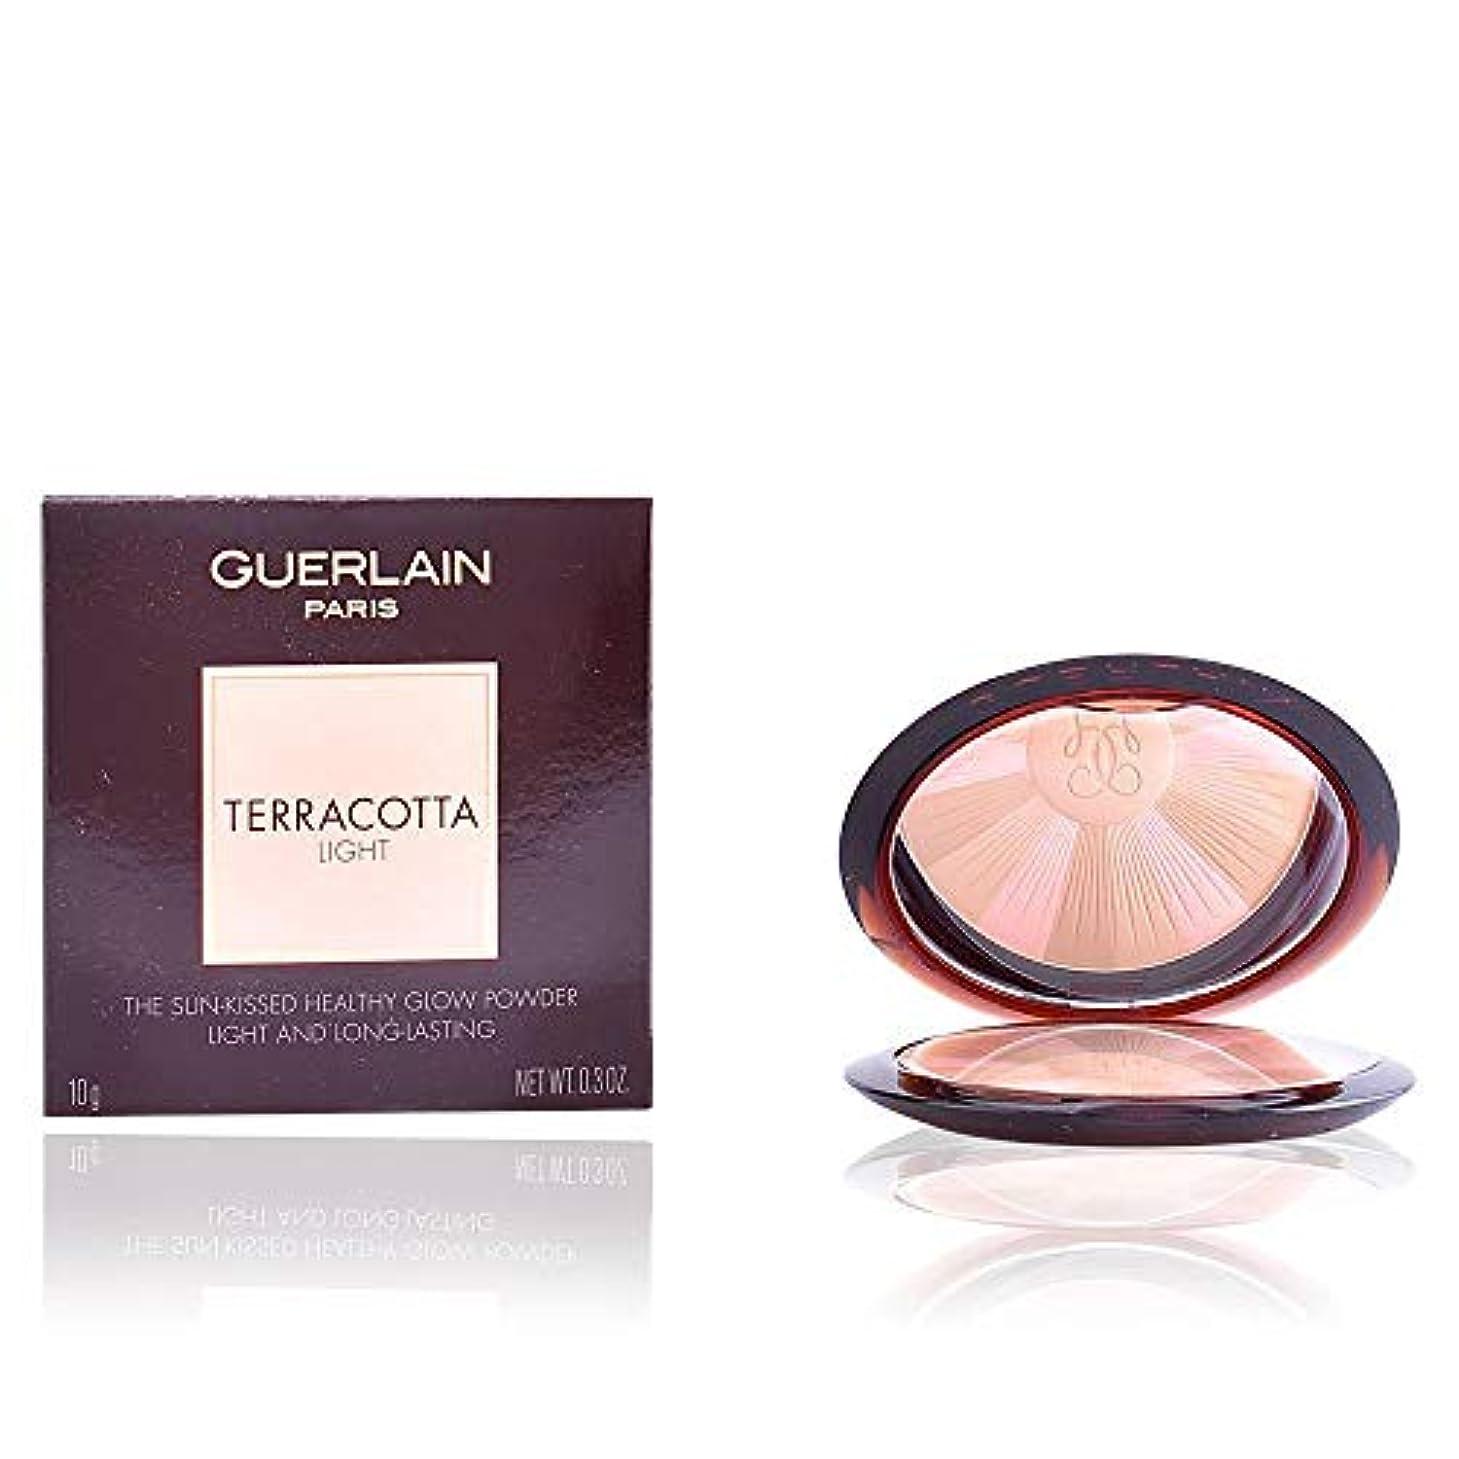 マイクロ排他的膿瘍ゲラン Terracotta Light The Sun Kissed Healthy Glow Powder - # 00 Light Cool 10g/0.3oz並行輸入品